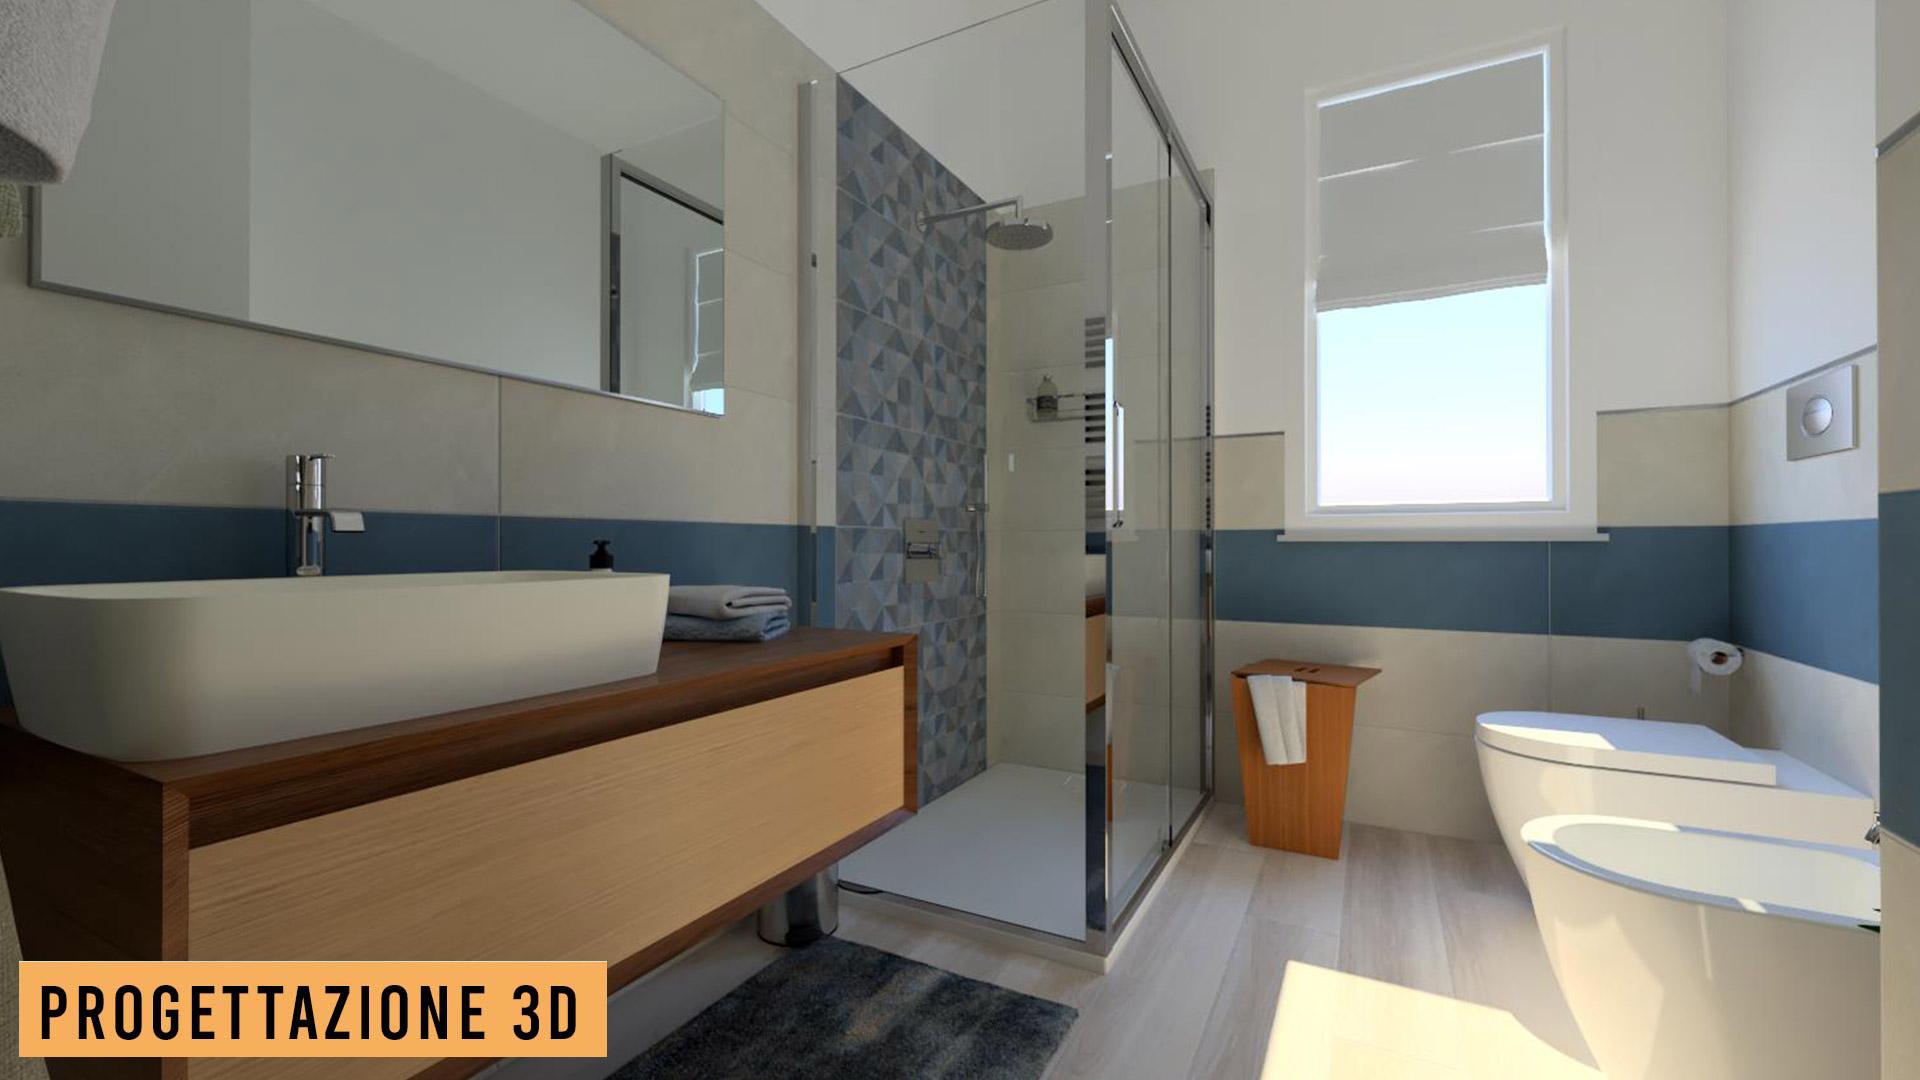 progettazione-3d-bagno-brescia-3